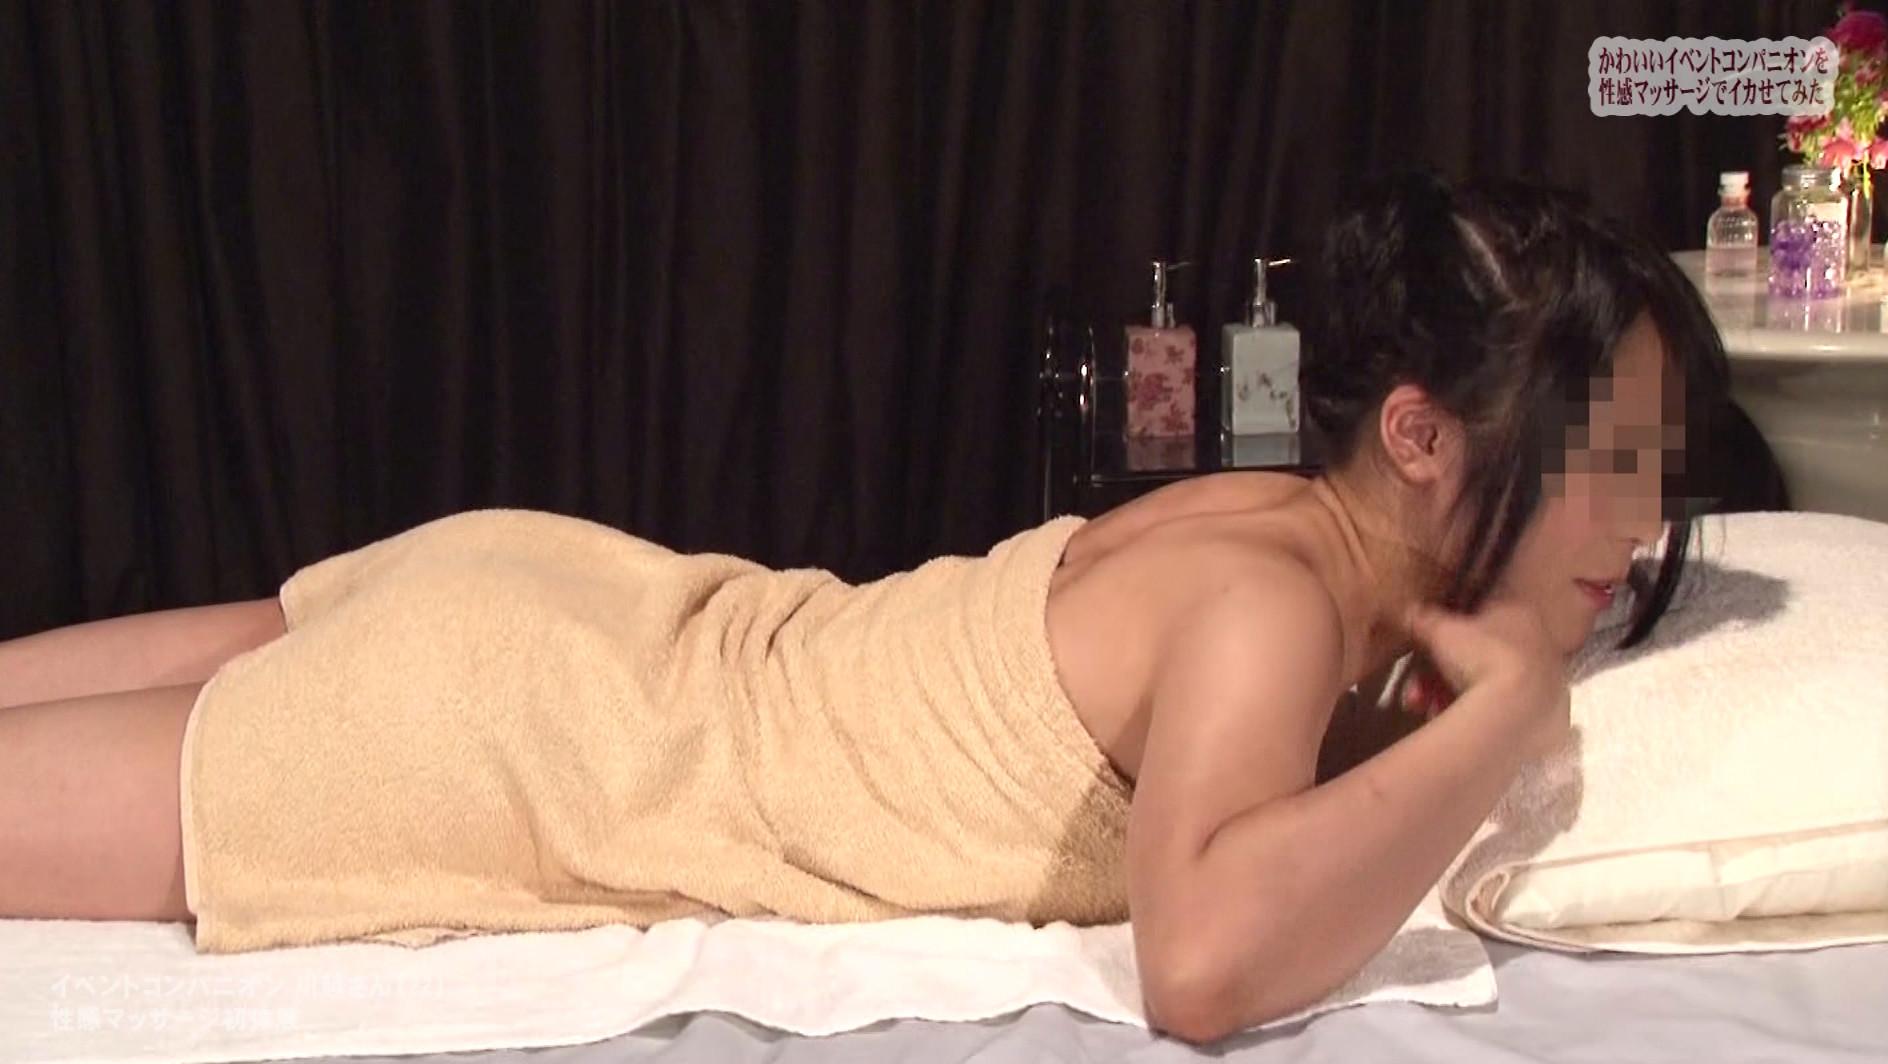 かわいいイベントコンパニオンのお姉さんを性感マッサージでとことんイカせてみた 画像14